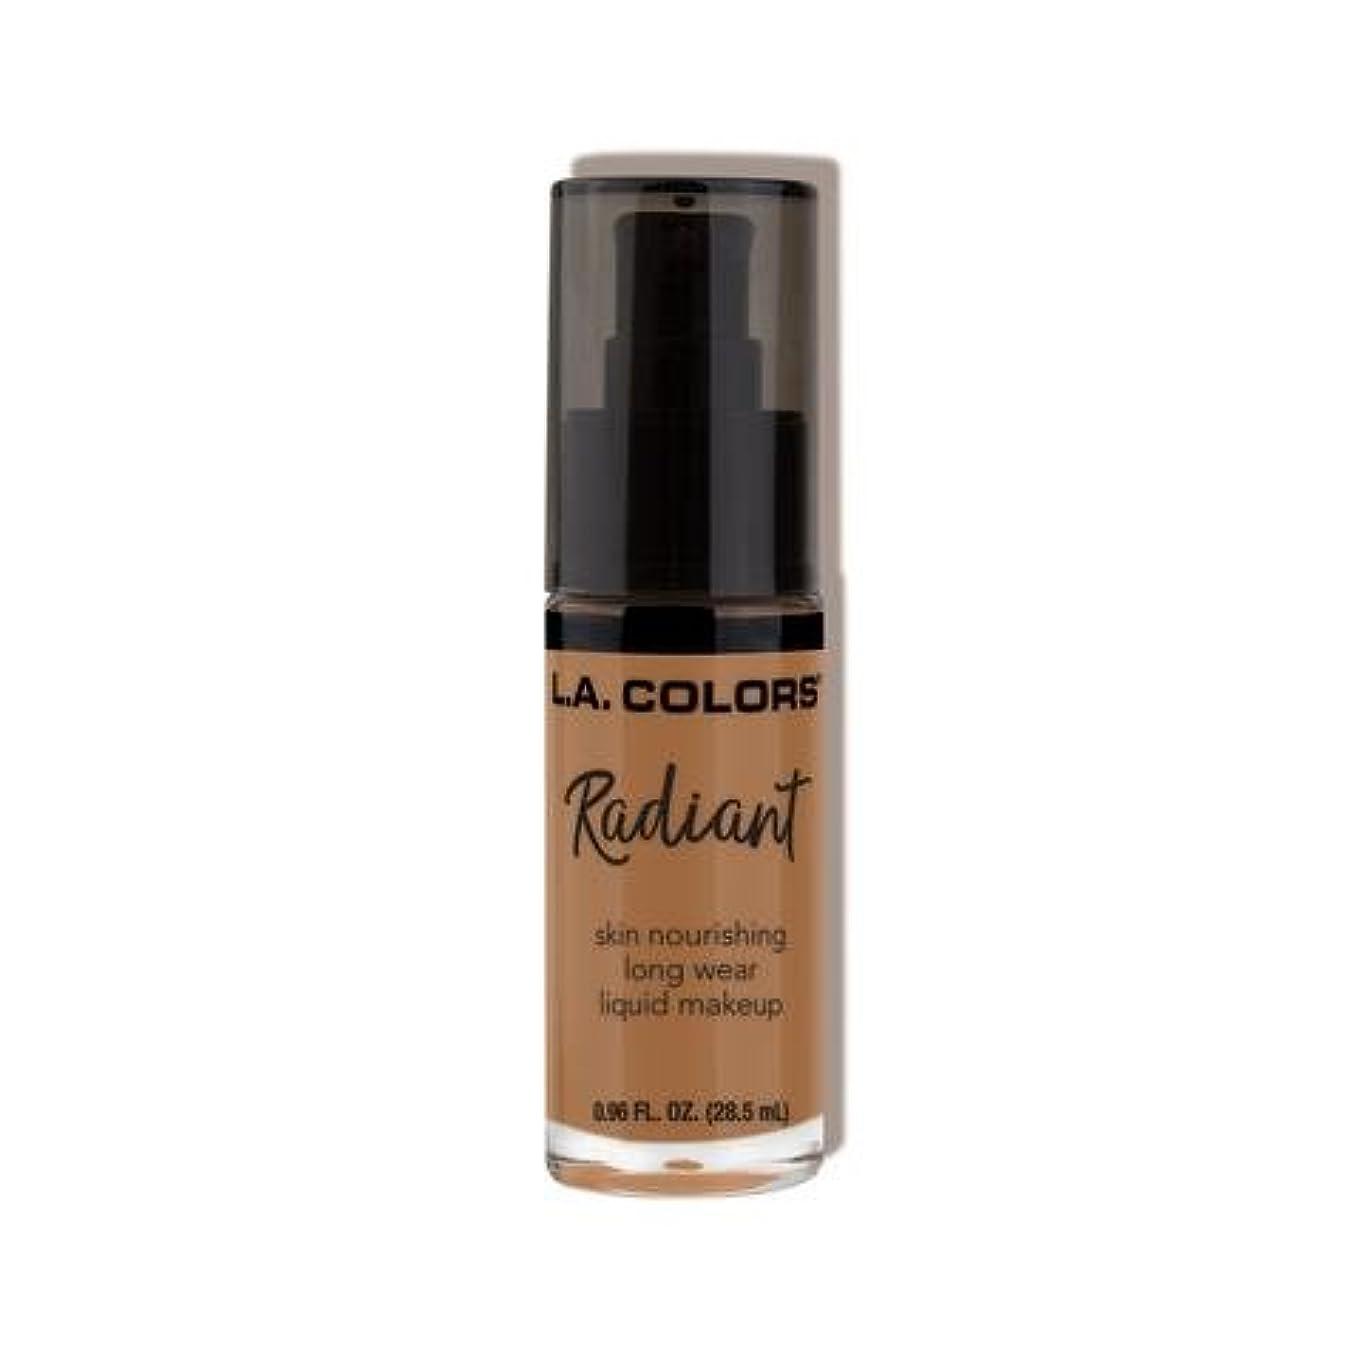 デモンストレーションノート疑問を超えて(3 Pack) L.A. COLORS Radiant Liquid Makeup - Chestnut (並行輸入品)